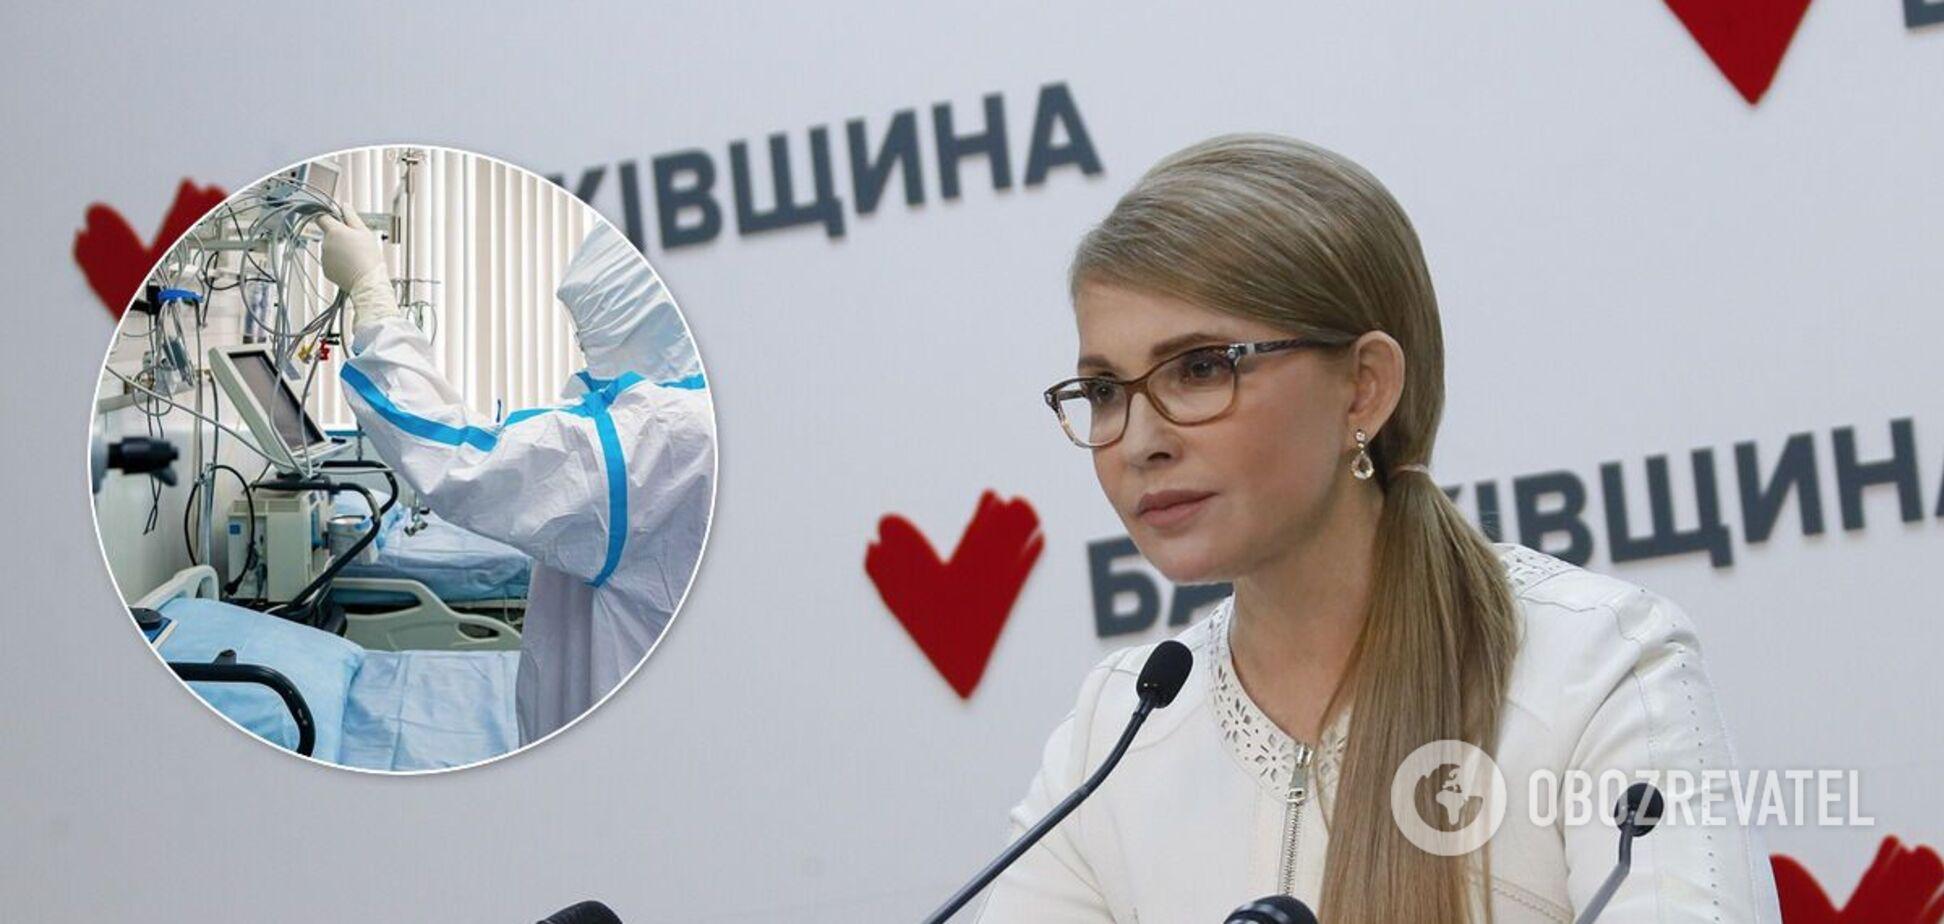 Зеленский и Кабмин должны выполнить постановление 'Батьківщини' относительно COVID-19 и отчитаться, – Тимошенко